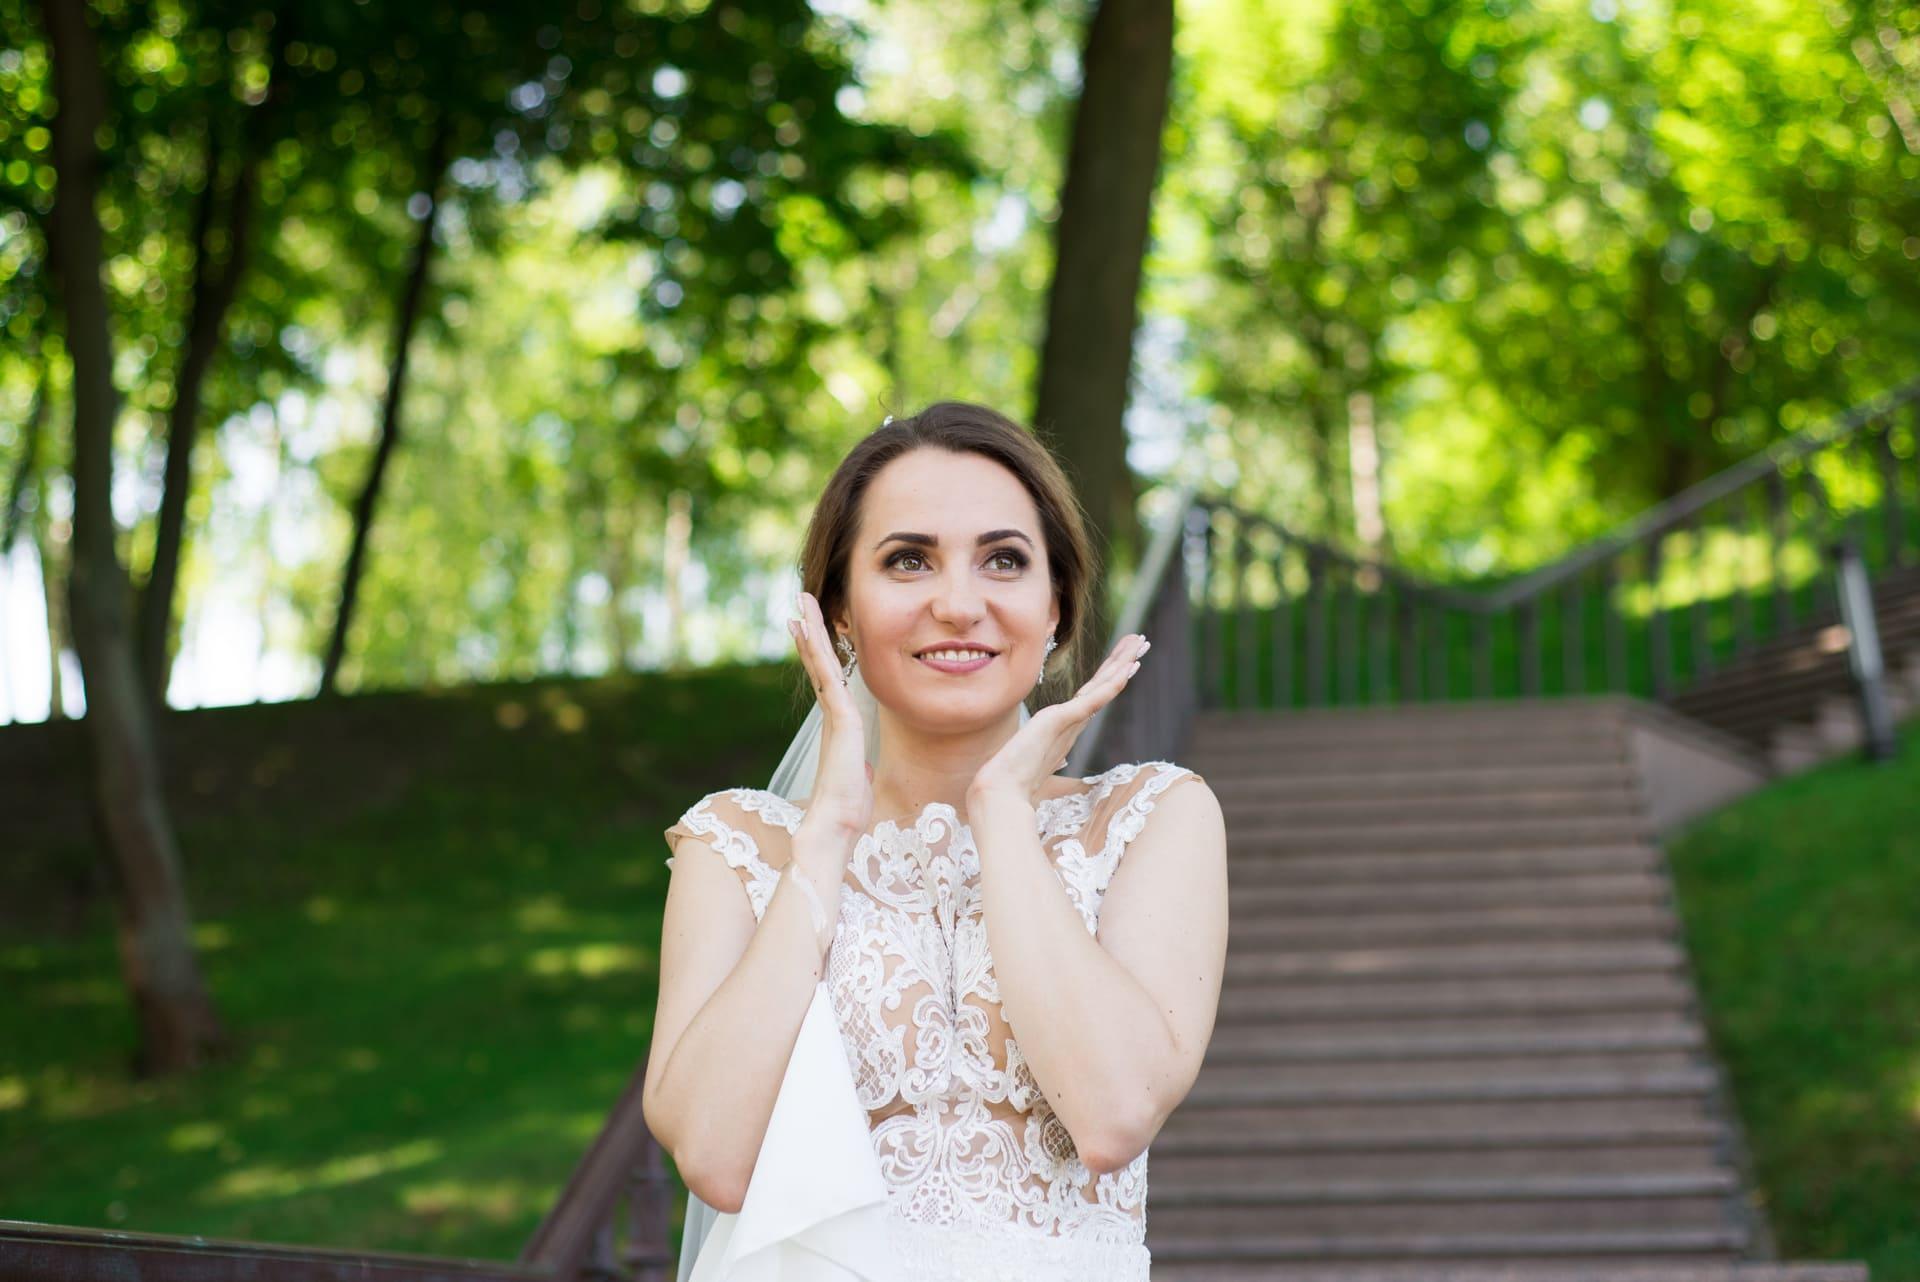 Свадебная фотосессия в Межигорье: Удивленная невеста в парке